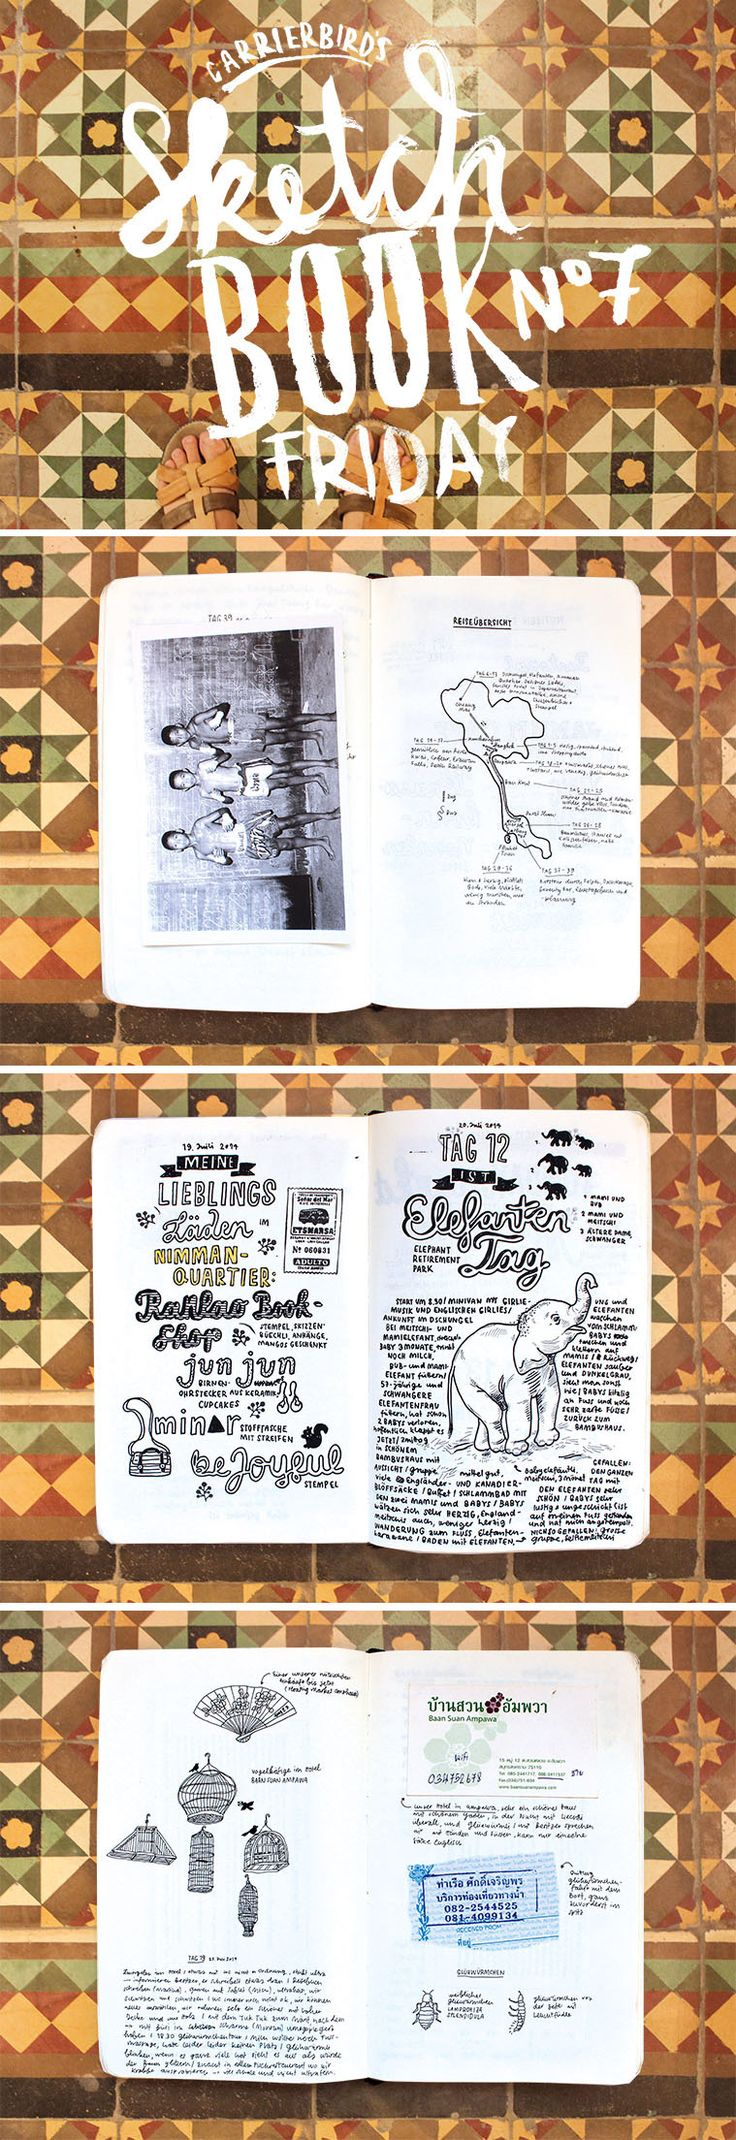 Carrier Bird's Sketchbookfriday No.07